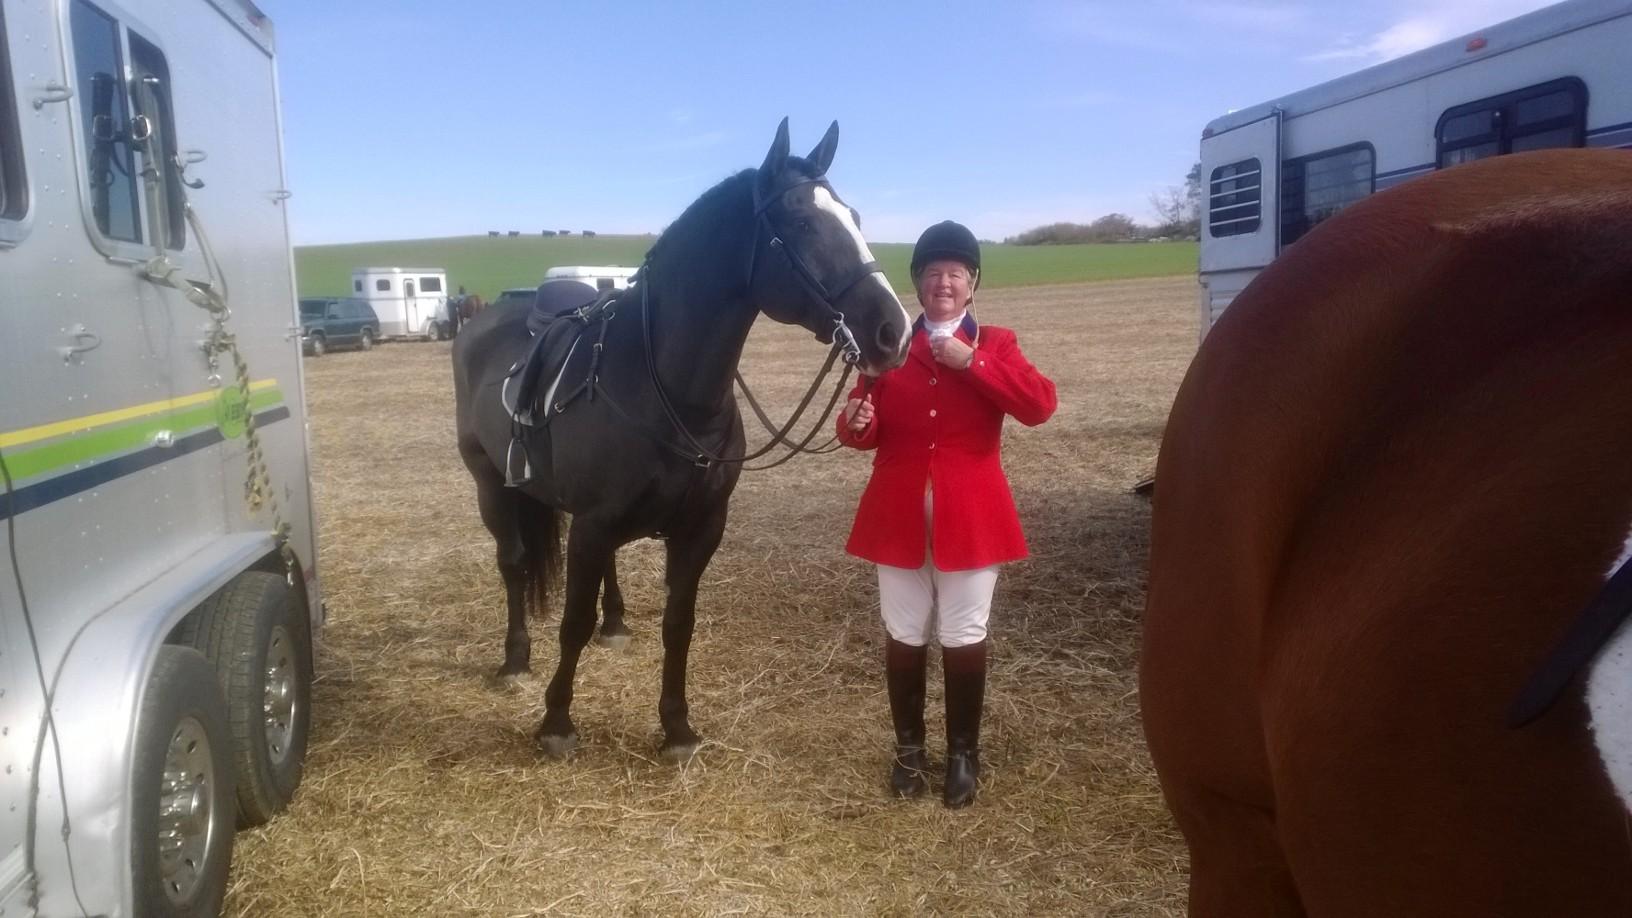 Susan was a keen horsewoman.